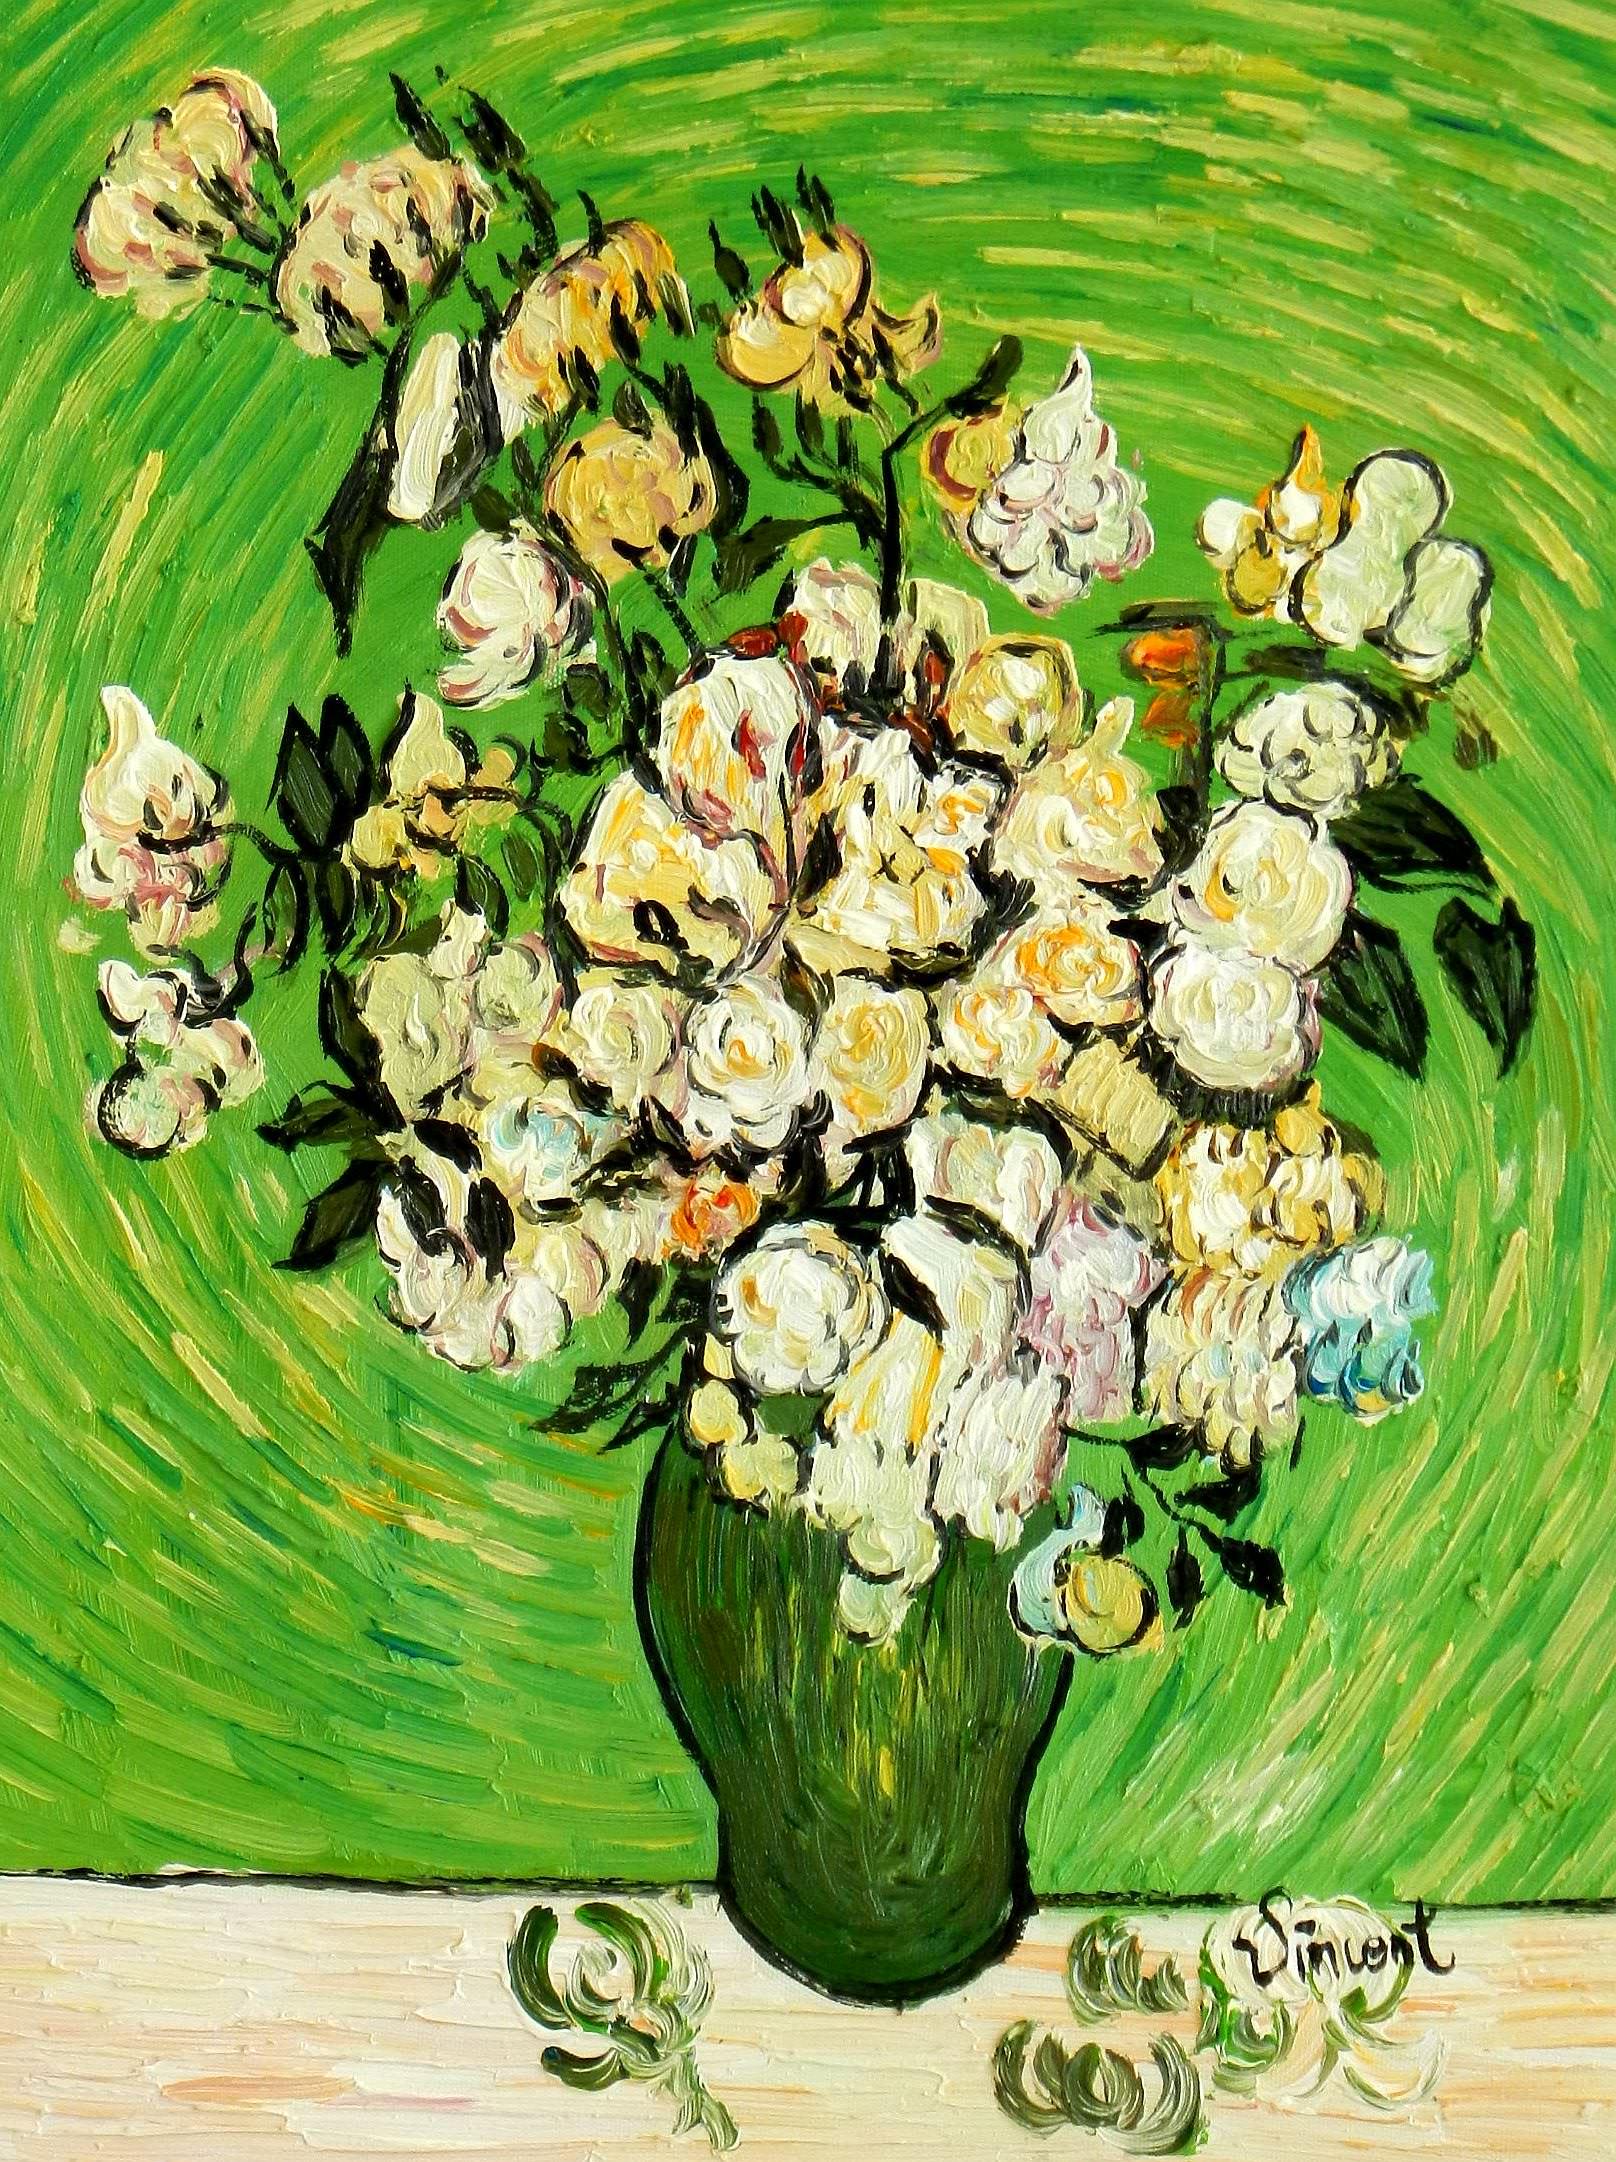 Vincent van Gogh - Vase mit weißen Rosen a95076 30x40cm Ölbild handgemalt